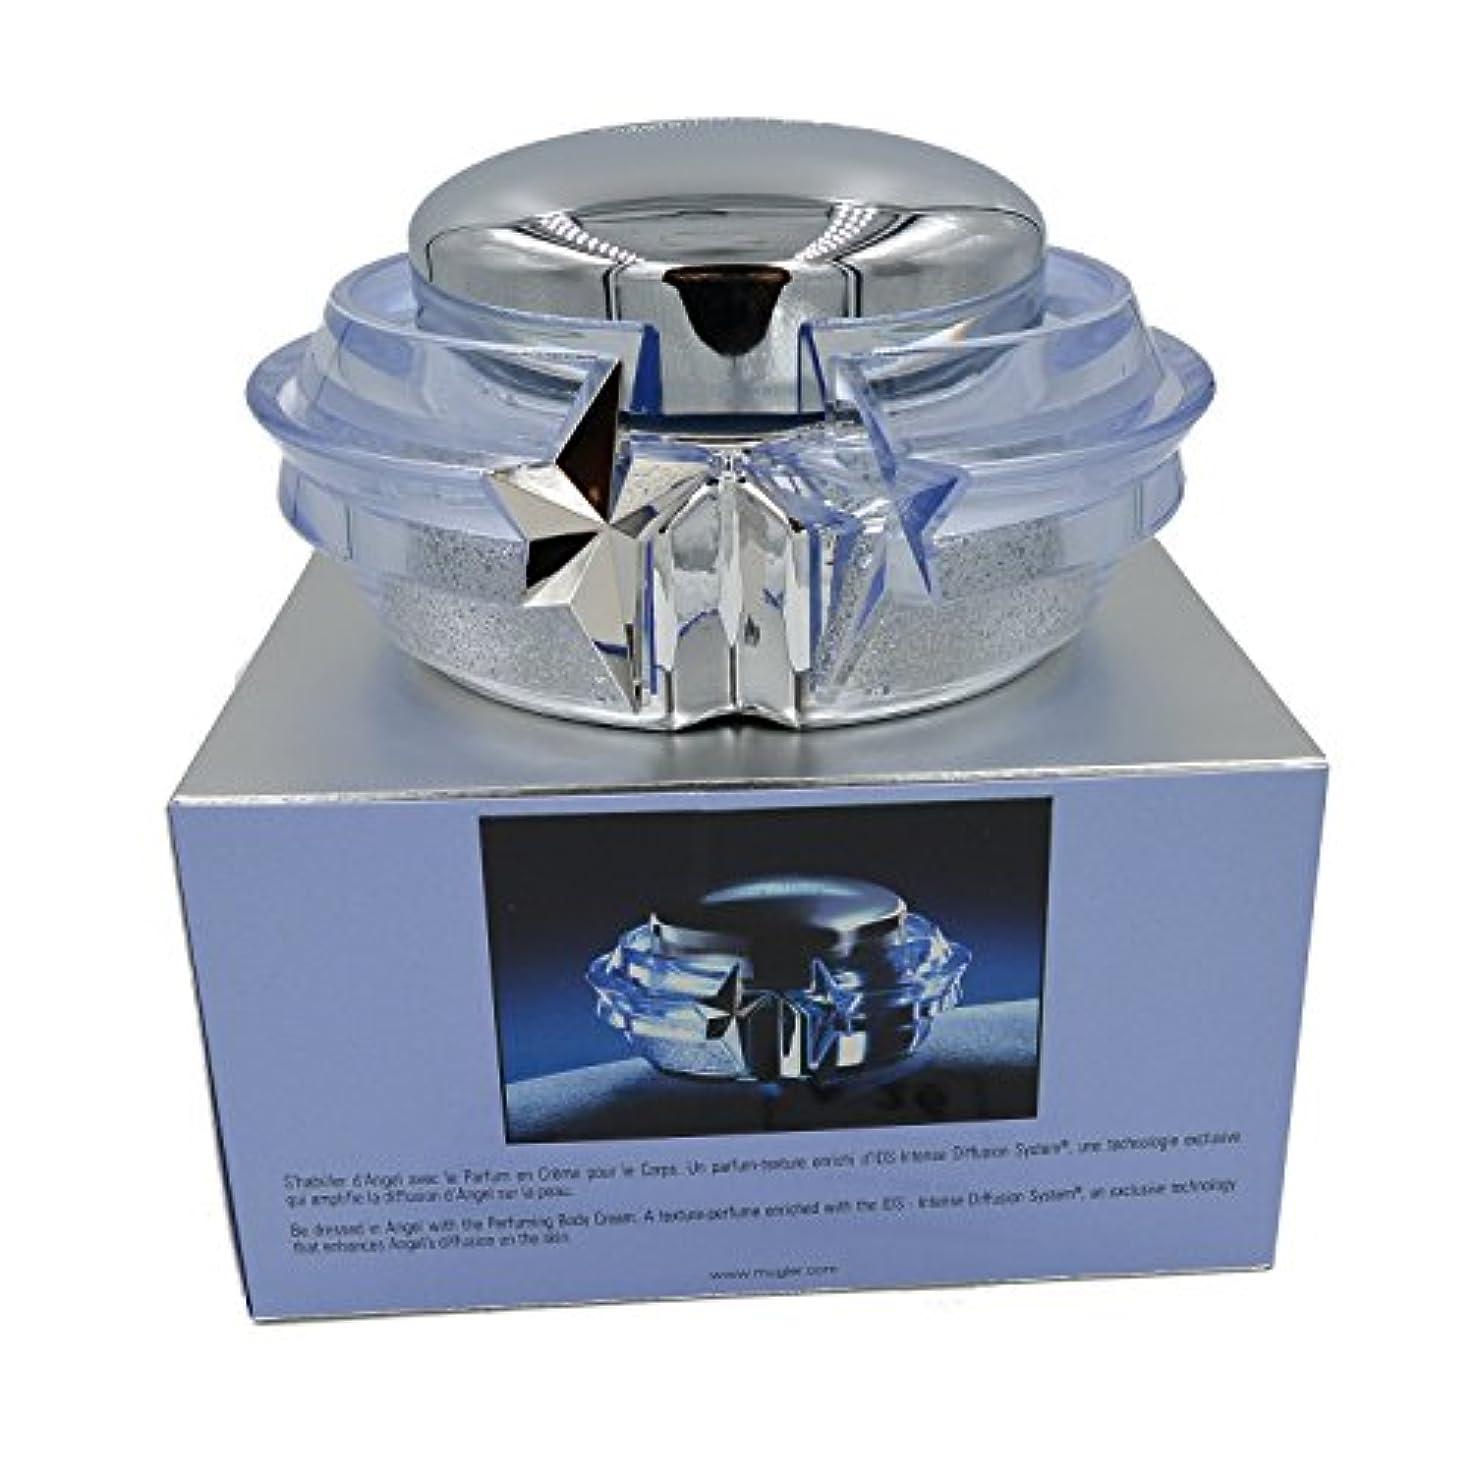 化粧ヒューバートハドソンエゴマニアThierry Mugler ANGEL body lotion 200ml [海外直送品] [並行輸入品]